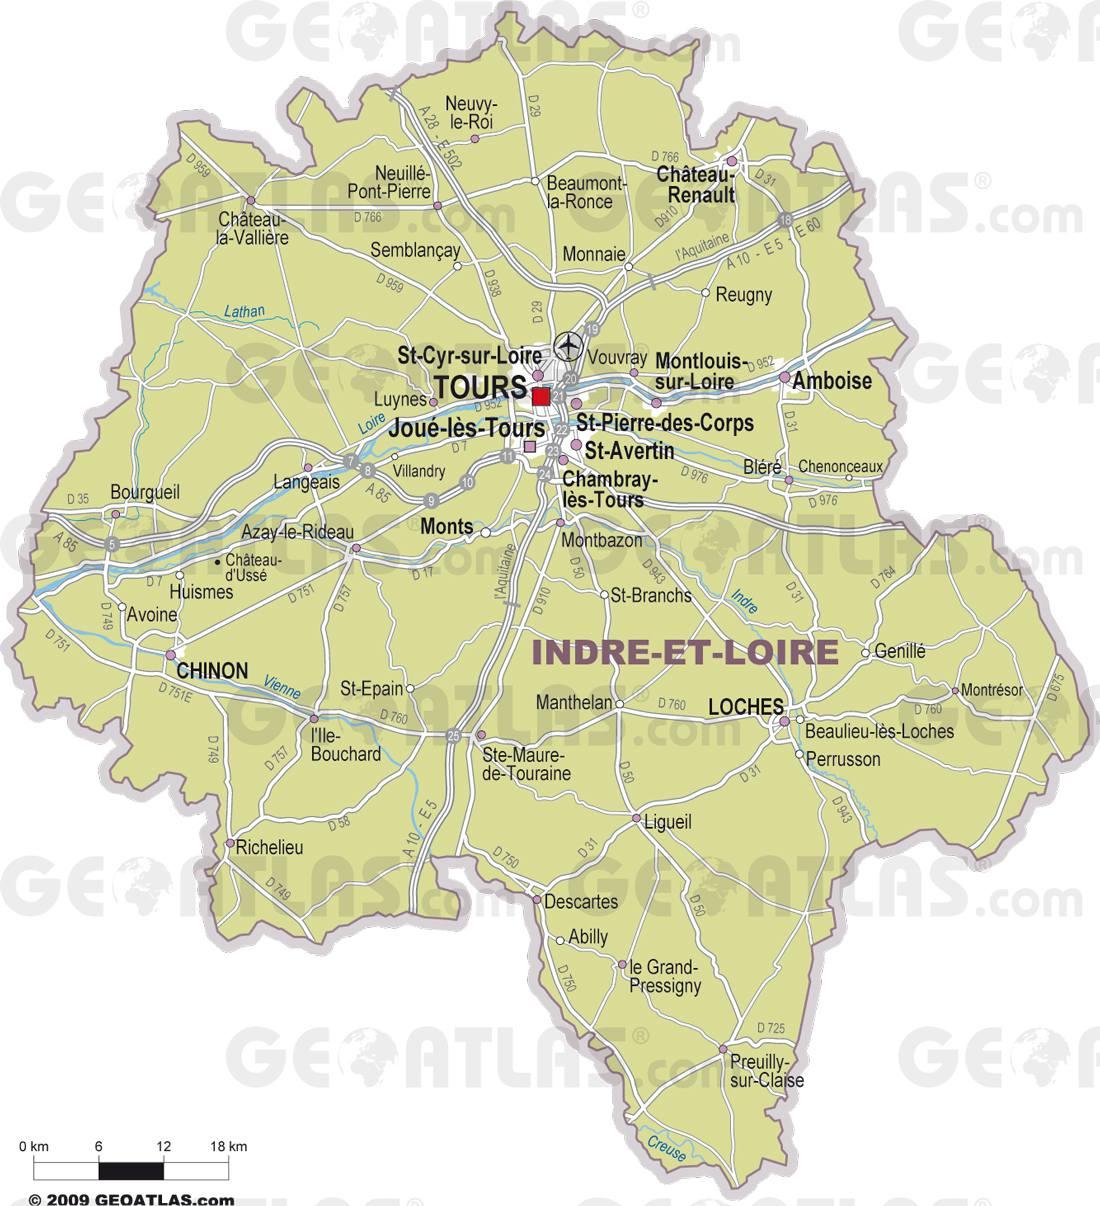 Carte des villes de l'Indre-et-Loire